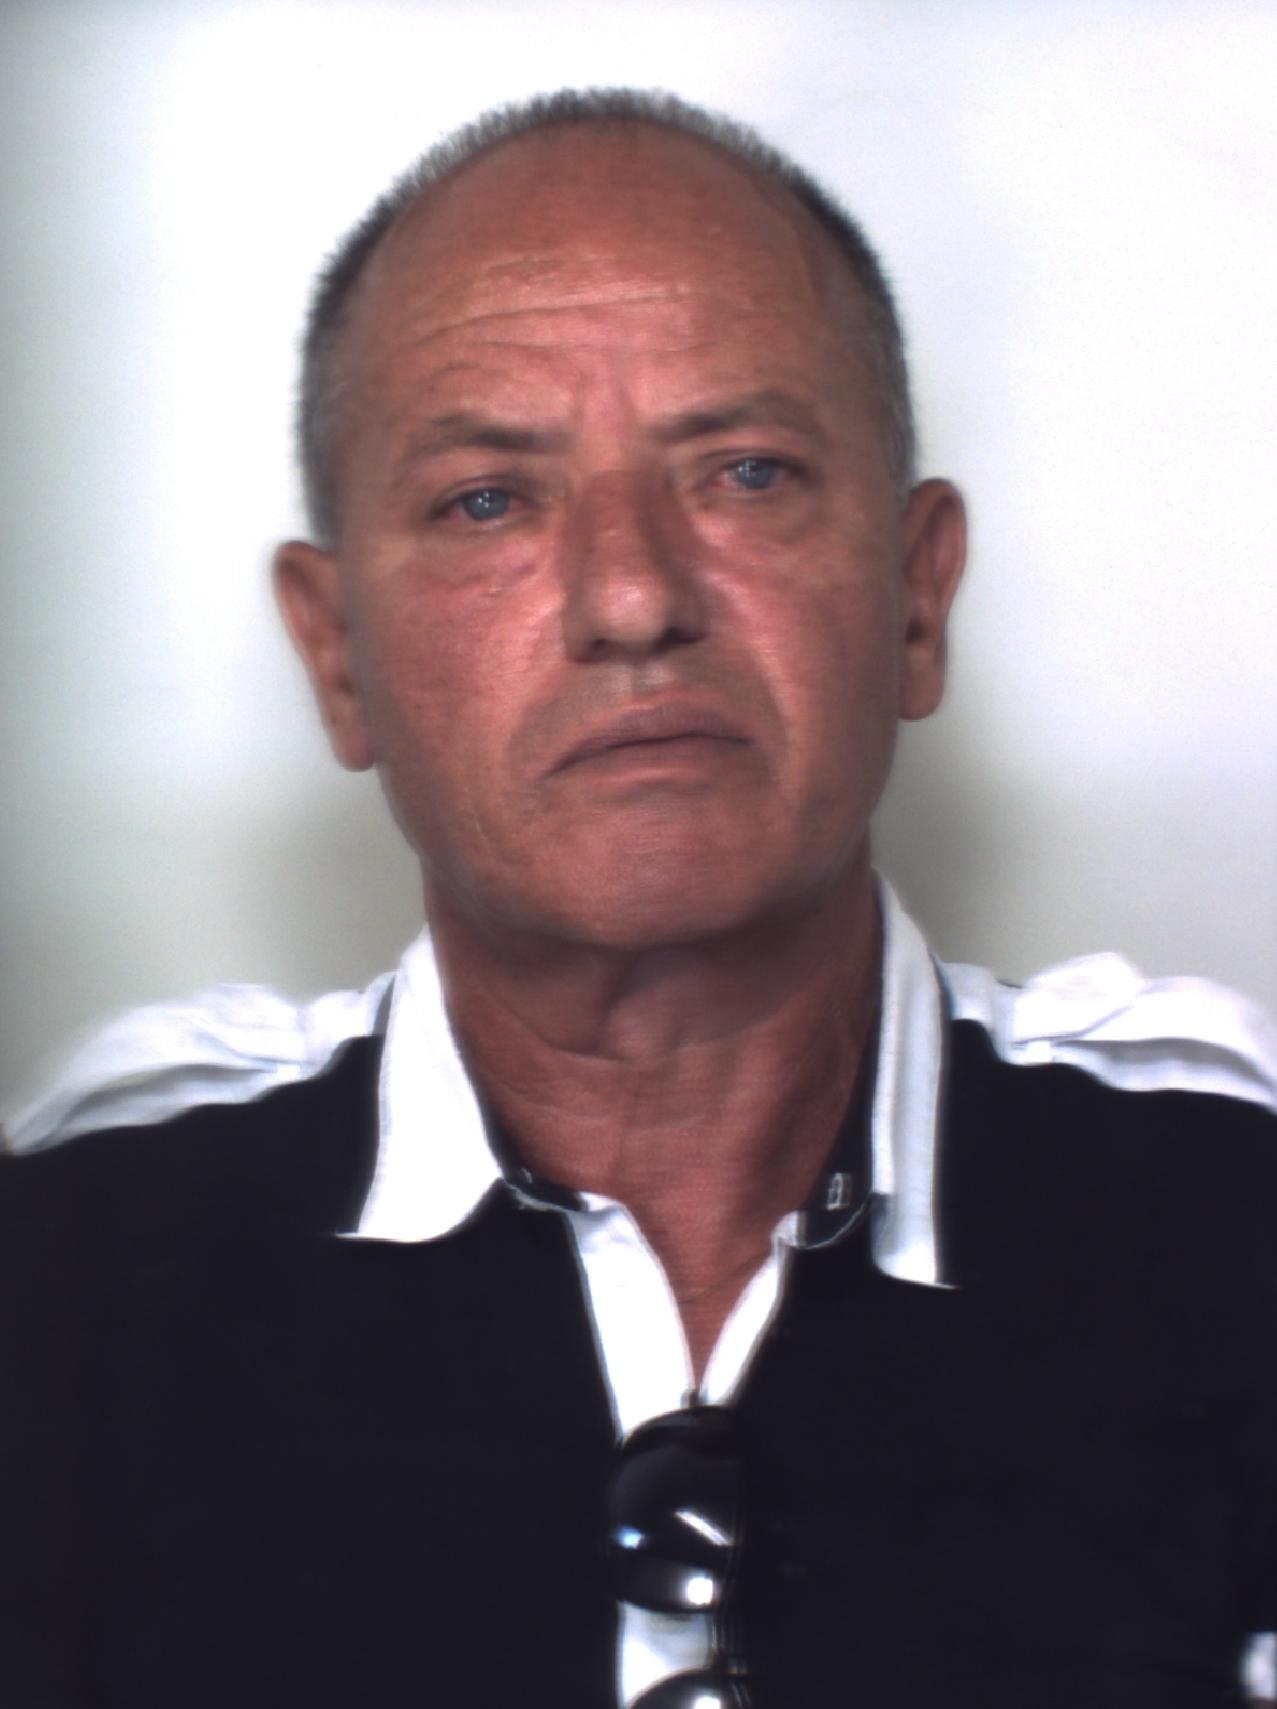 FOTO - Omicidio Gioffré, i volti delle quattro persone arrestate